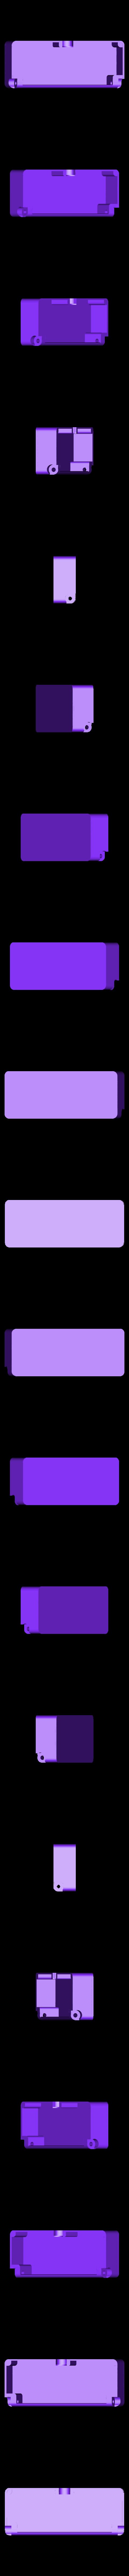 box-1.STL Télécharger fichier STL gratuit Boîte avec charnières cachées et verrouillage à clic • Objet à imprimer en 3D, 3d-dragar